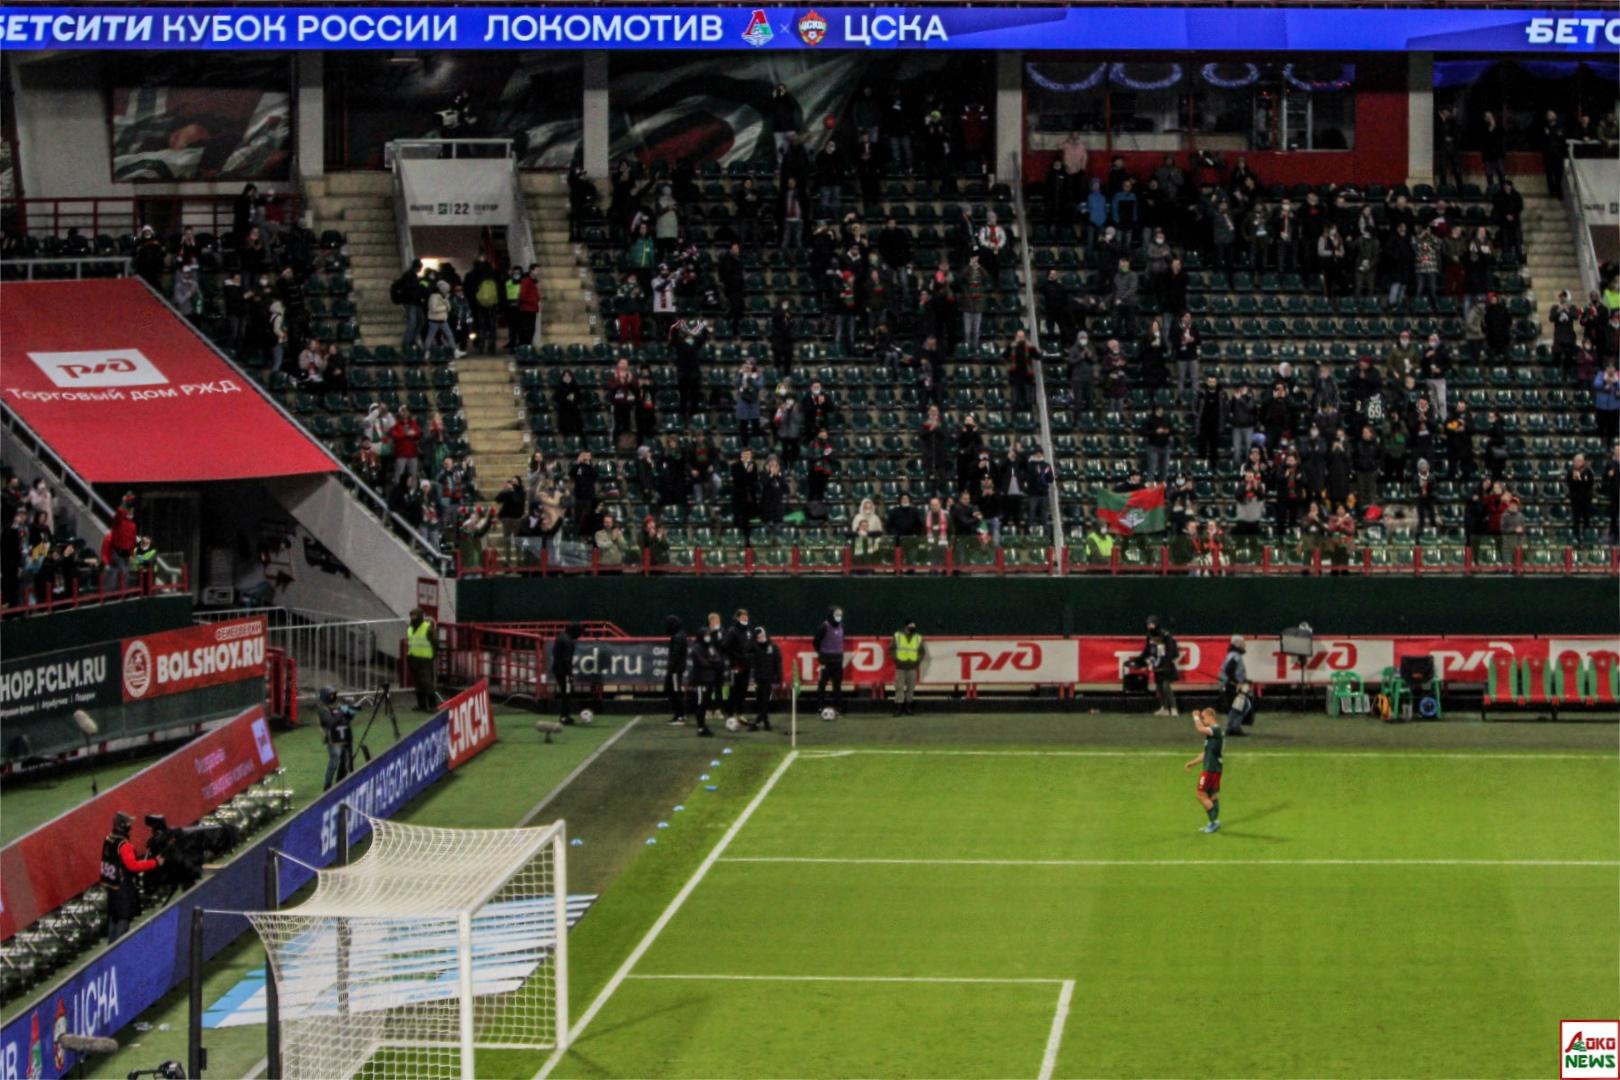 Локомотив - ЦСКА. Фото: Дмитрий Бурдонов / Loko.News